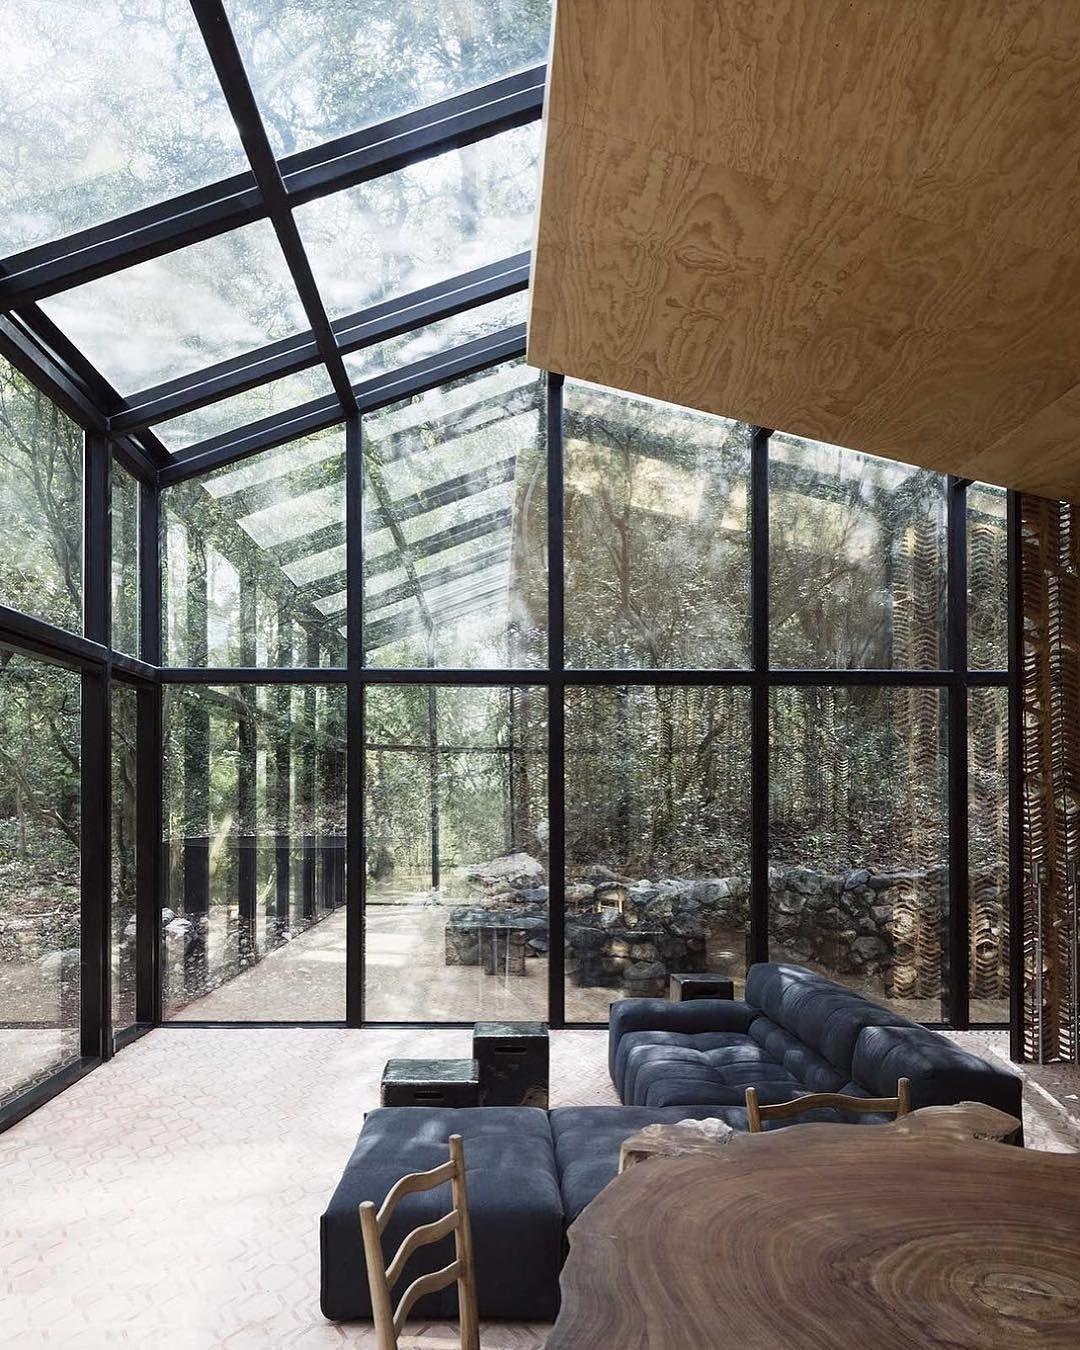 Das Wohnzimmer Direkt An Der Natur   So Stilvoll Lässt Sich In Mexiko  Wohnen. 🇲